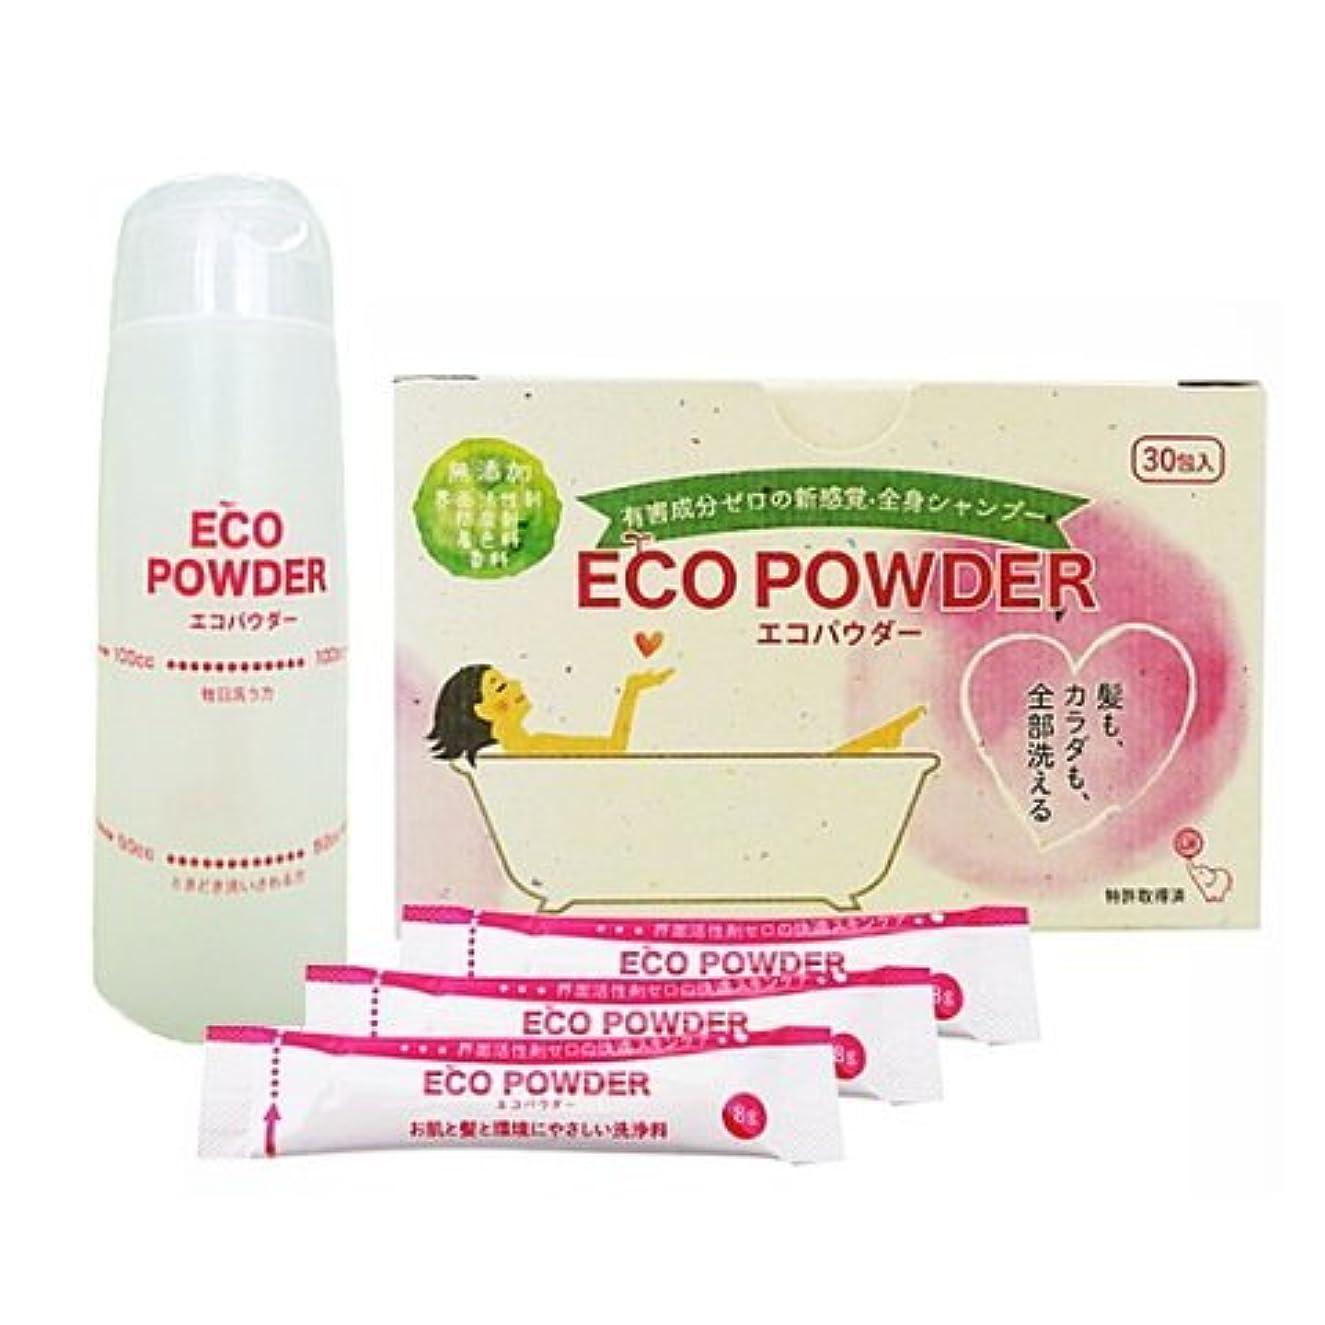 カンガルー噂出口エコパウダー ( 旧ママプレマシャンプー ) 8g×30包 (専用容器付き) 界面活性剤ゼロシャンプー 乾燥肌 敏感肌 赤ちゃんに